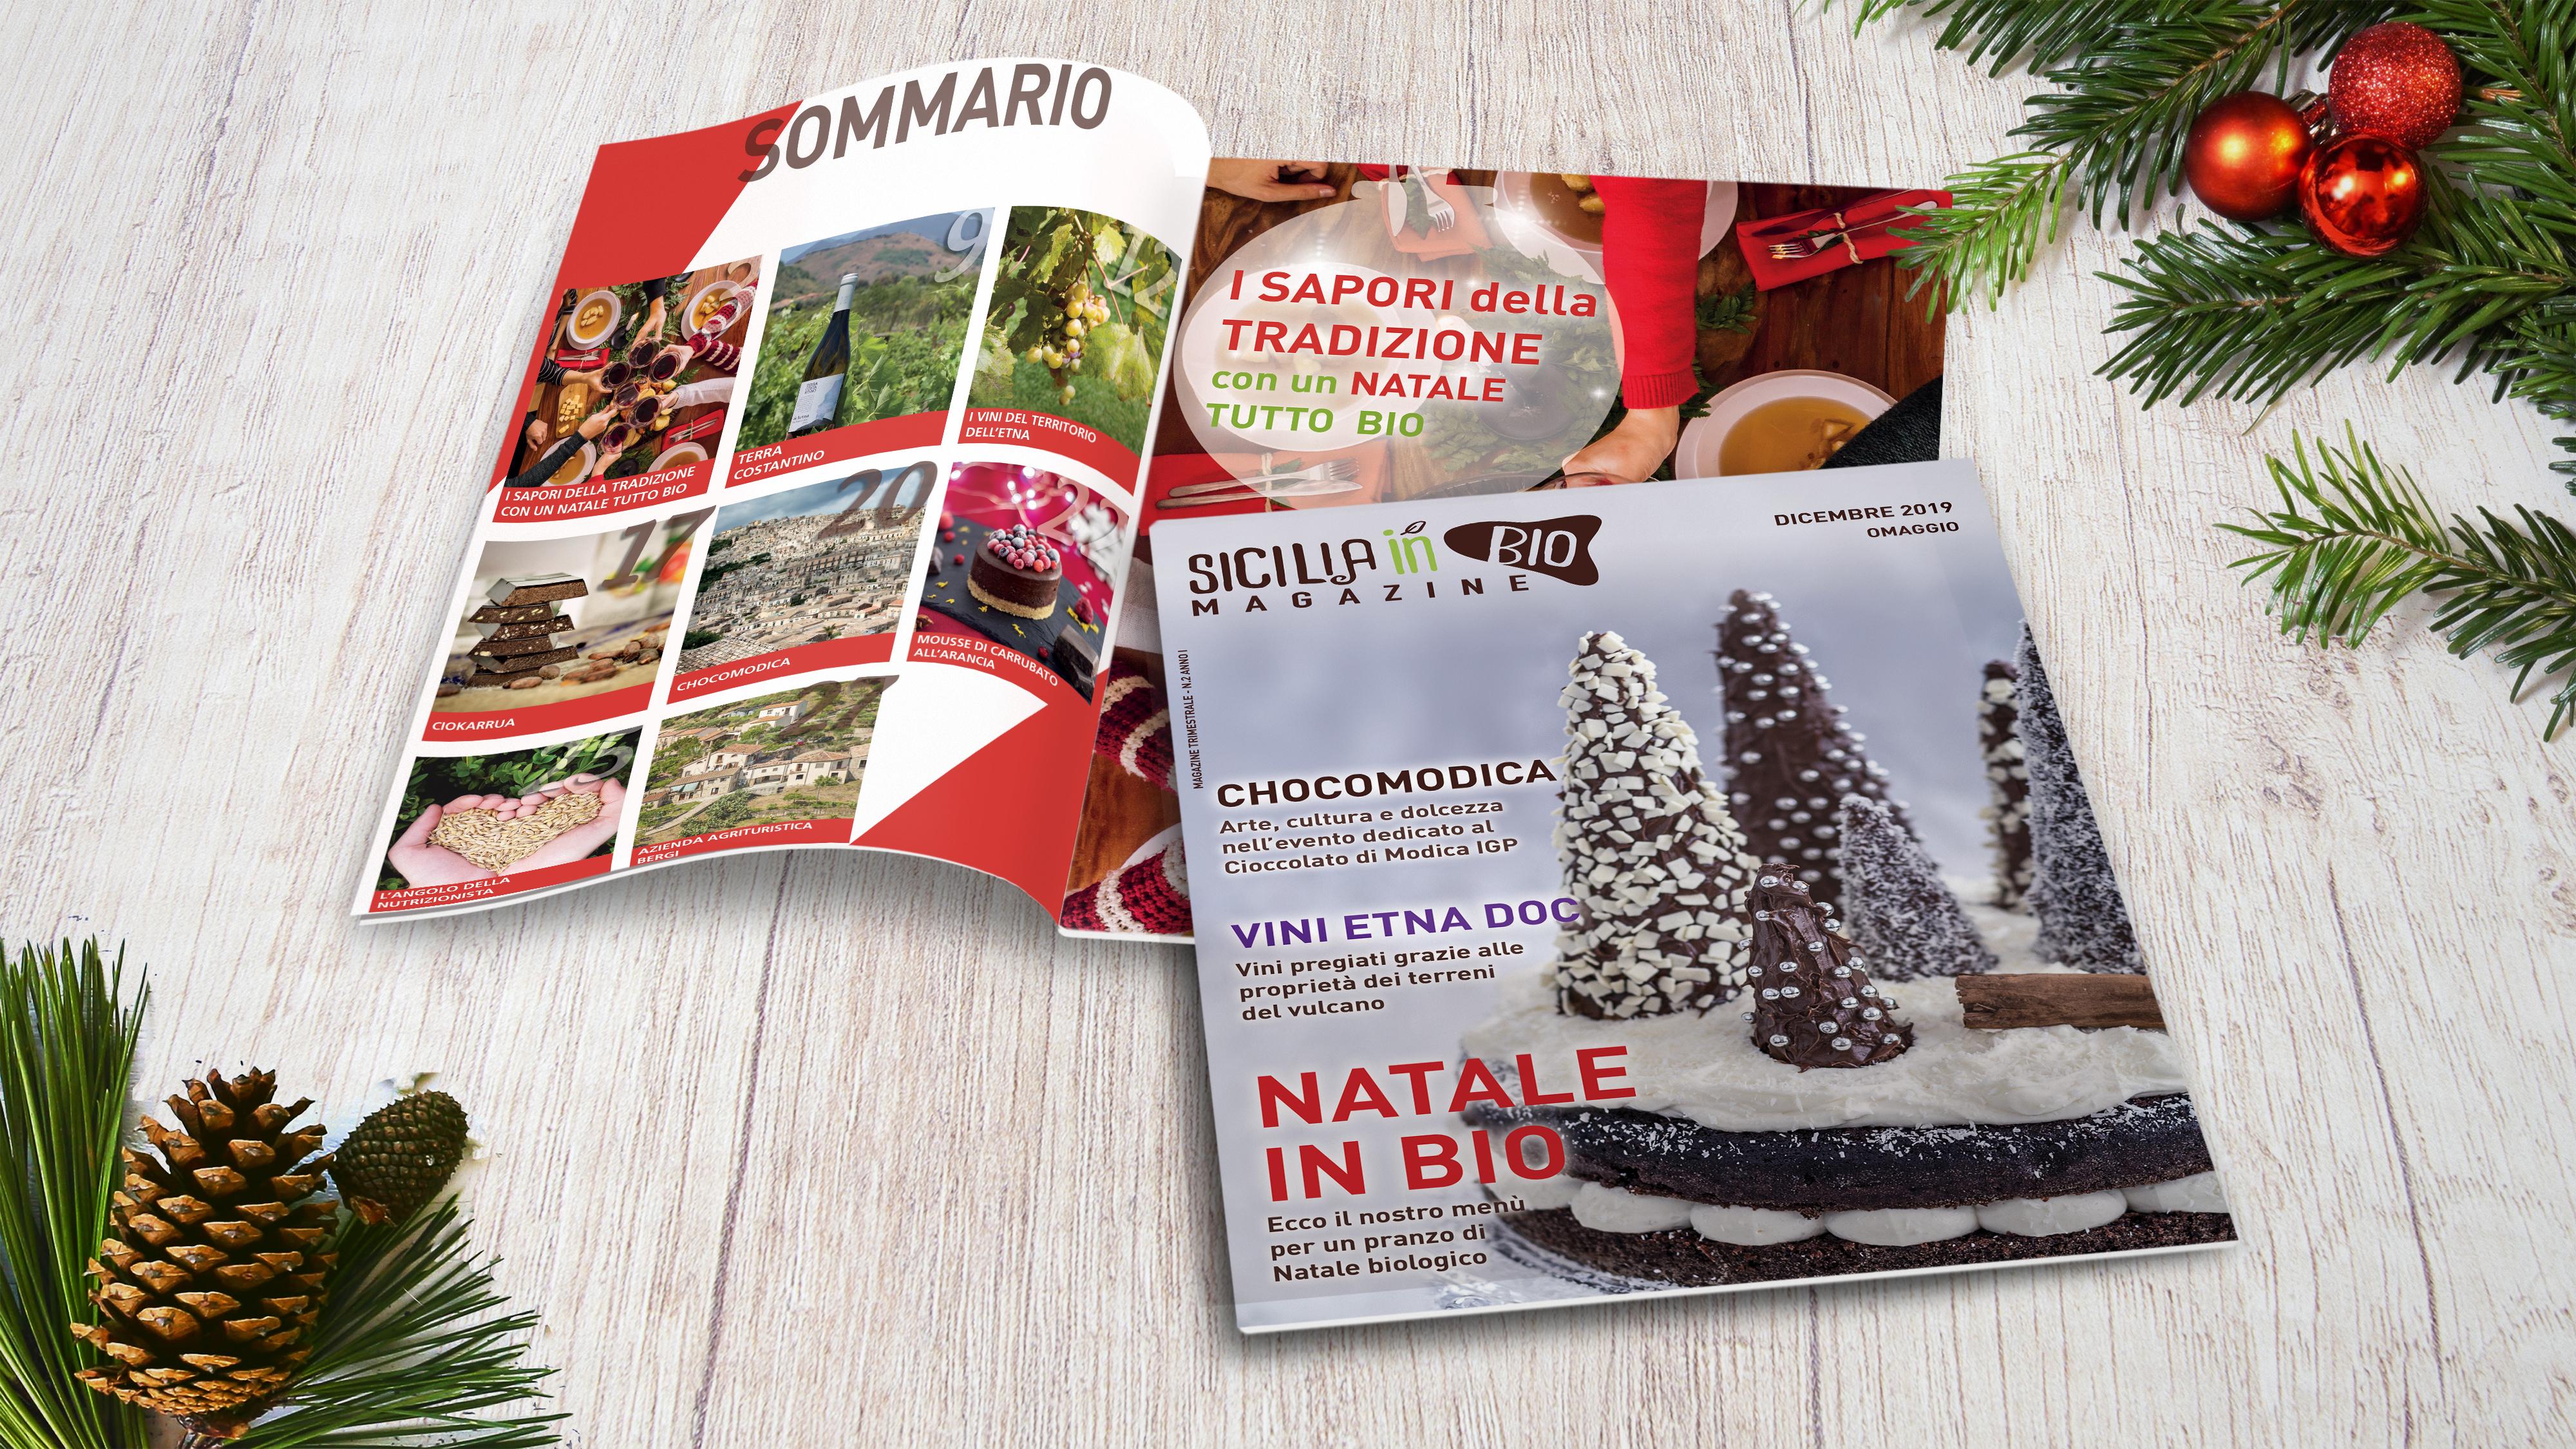 Sicilia in Bio Magazine: secondo numero dedicato al Natale in Bio